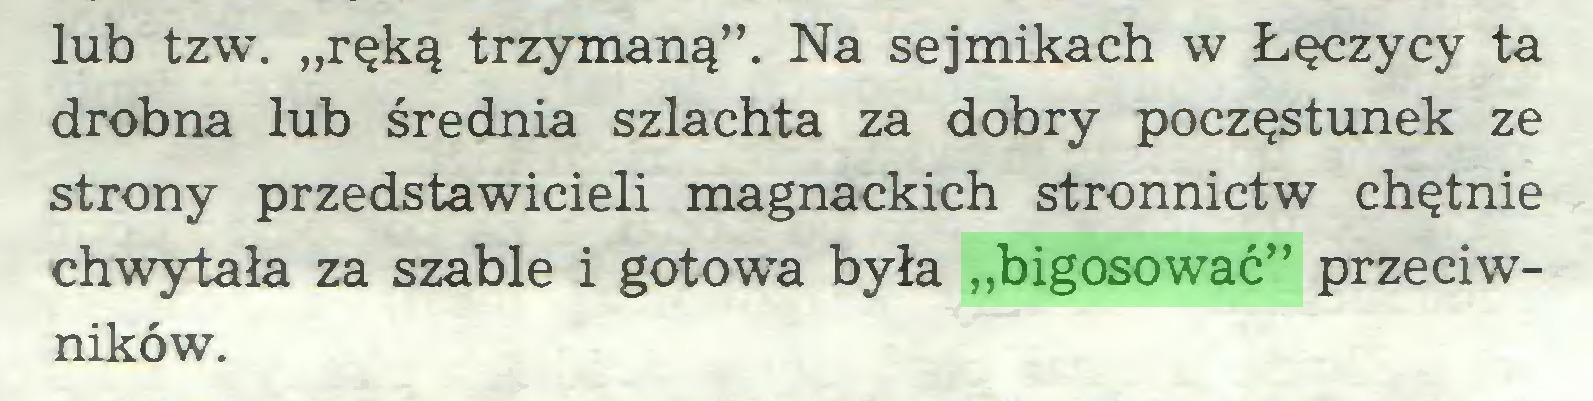 """(...) lub tzw. """"ręką trzymaną"""". Na sejmikach w Łęczycy ta drobna lub średnia szlachta za dobry poczęstunek ze strony przedstawicieli magnackich stronnictw chętnie chwytała za szable i gotowa była """"bigosować"""" przeciwników..."""